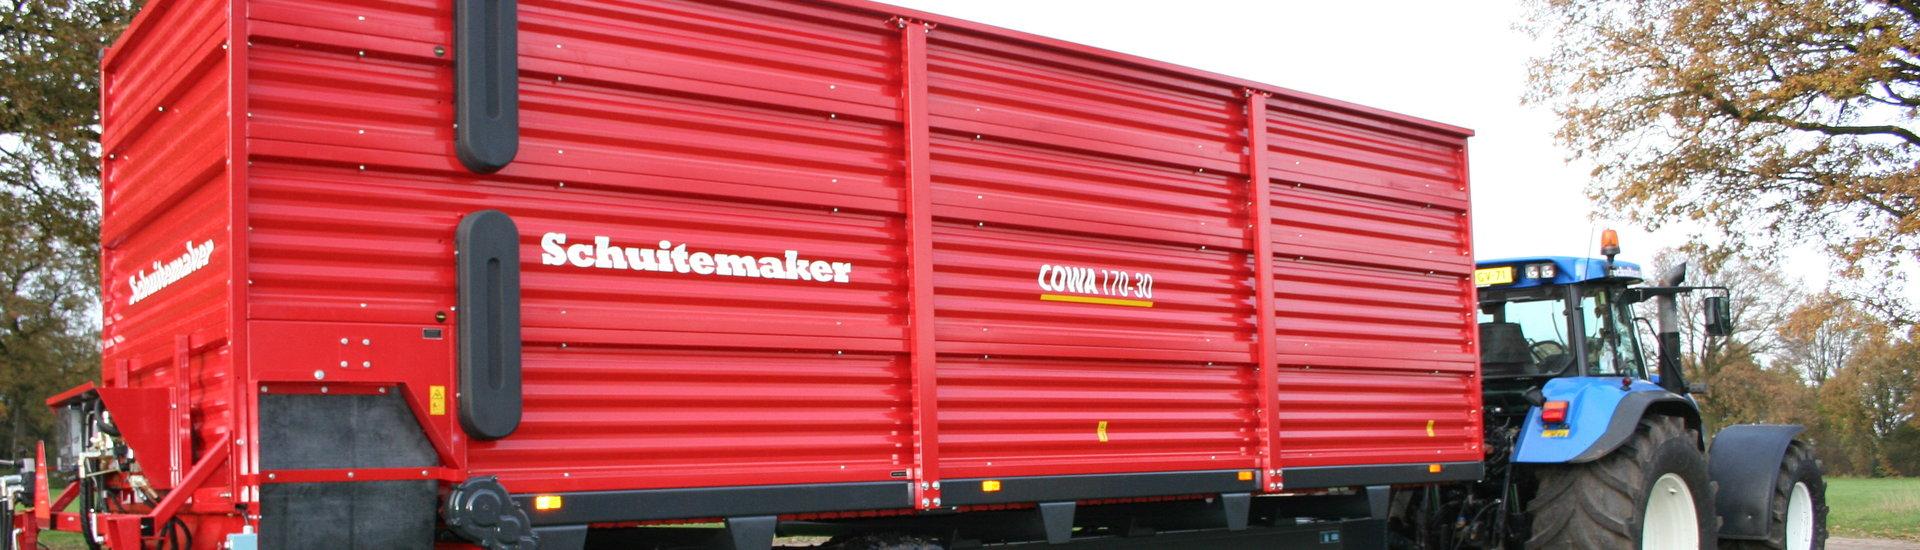 Schuitemaker Cowa compostwagen